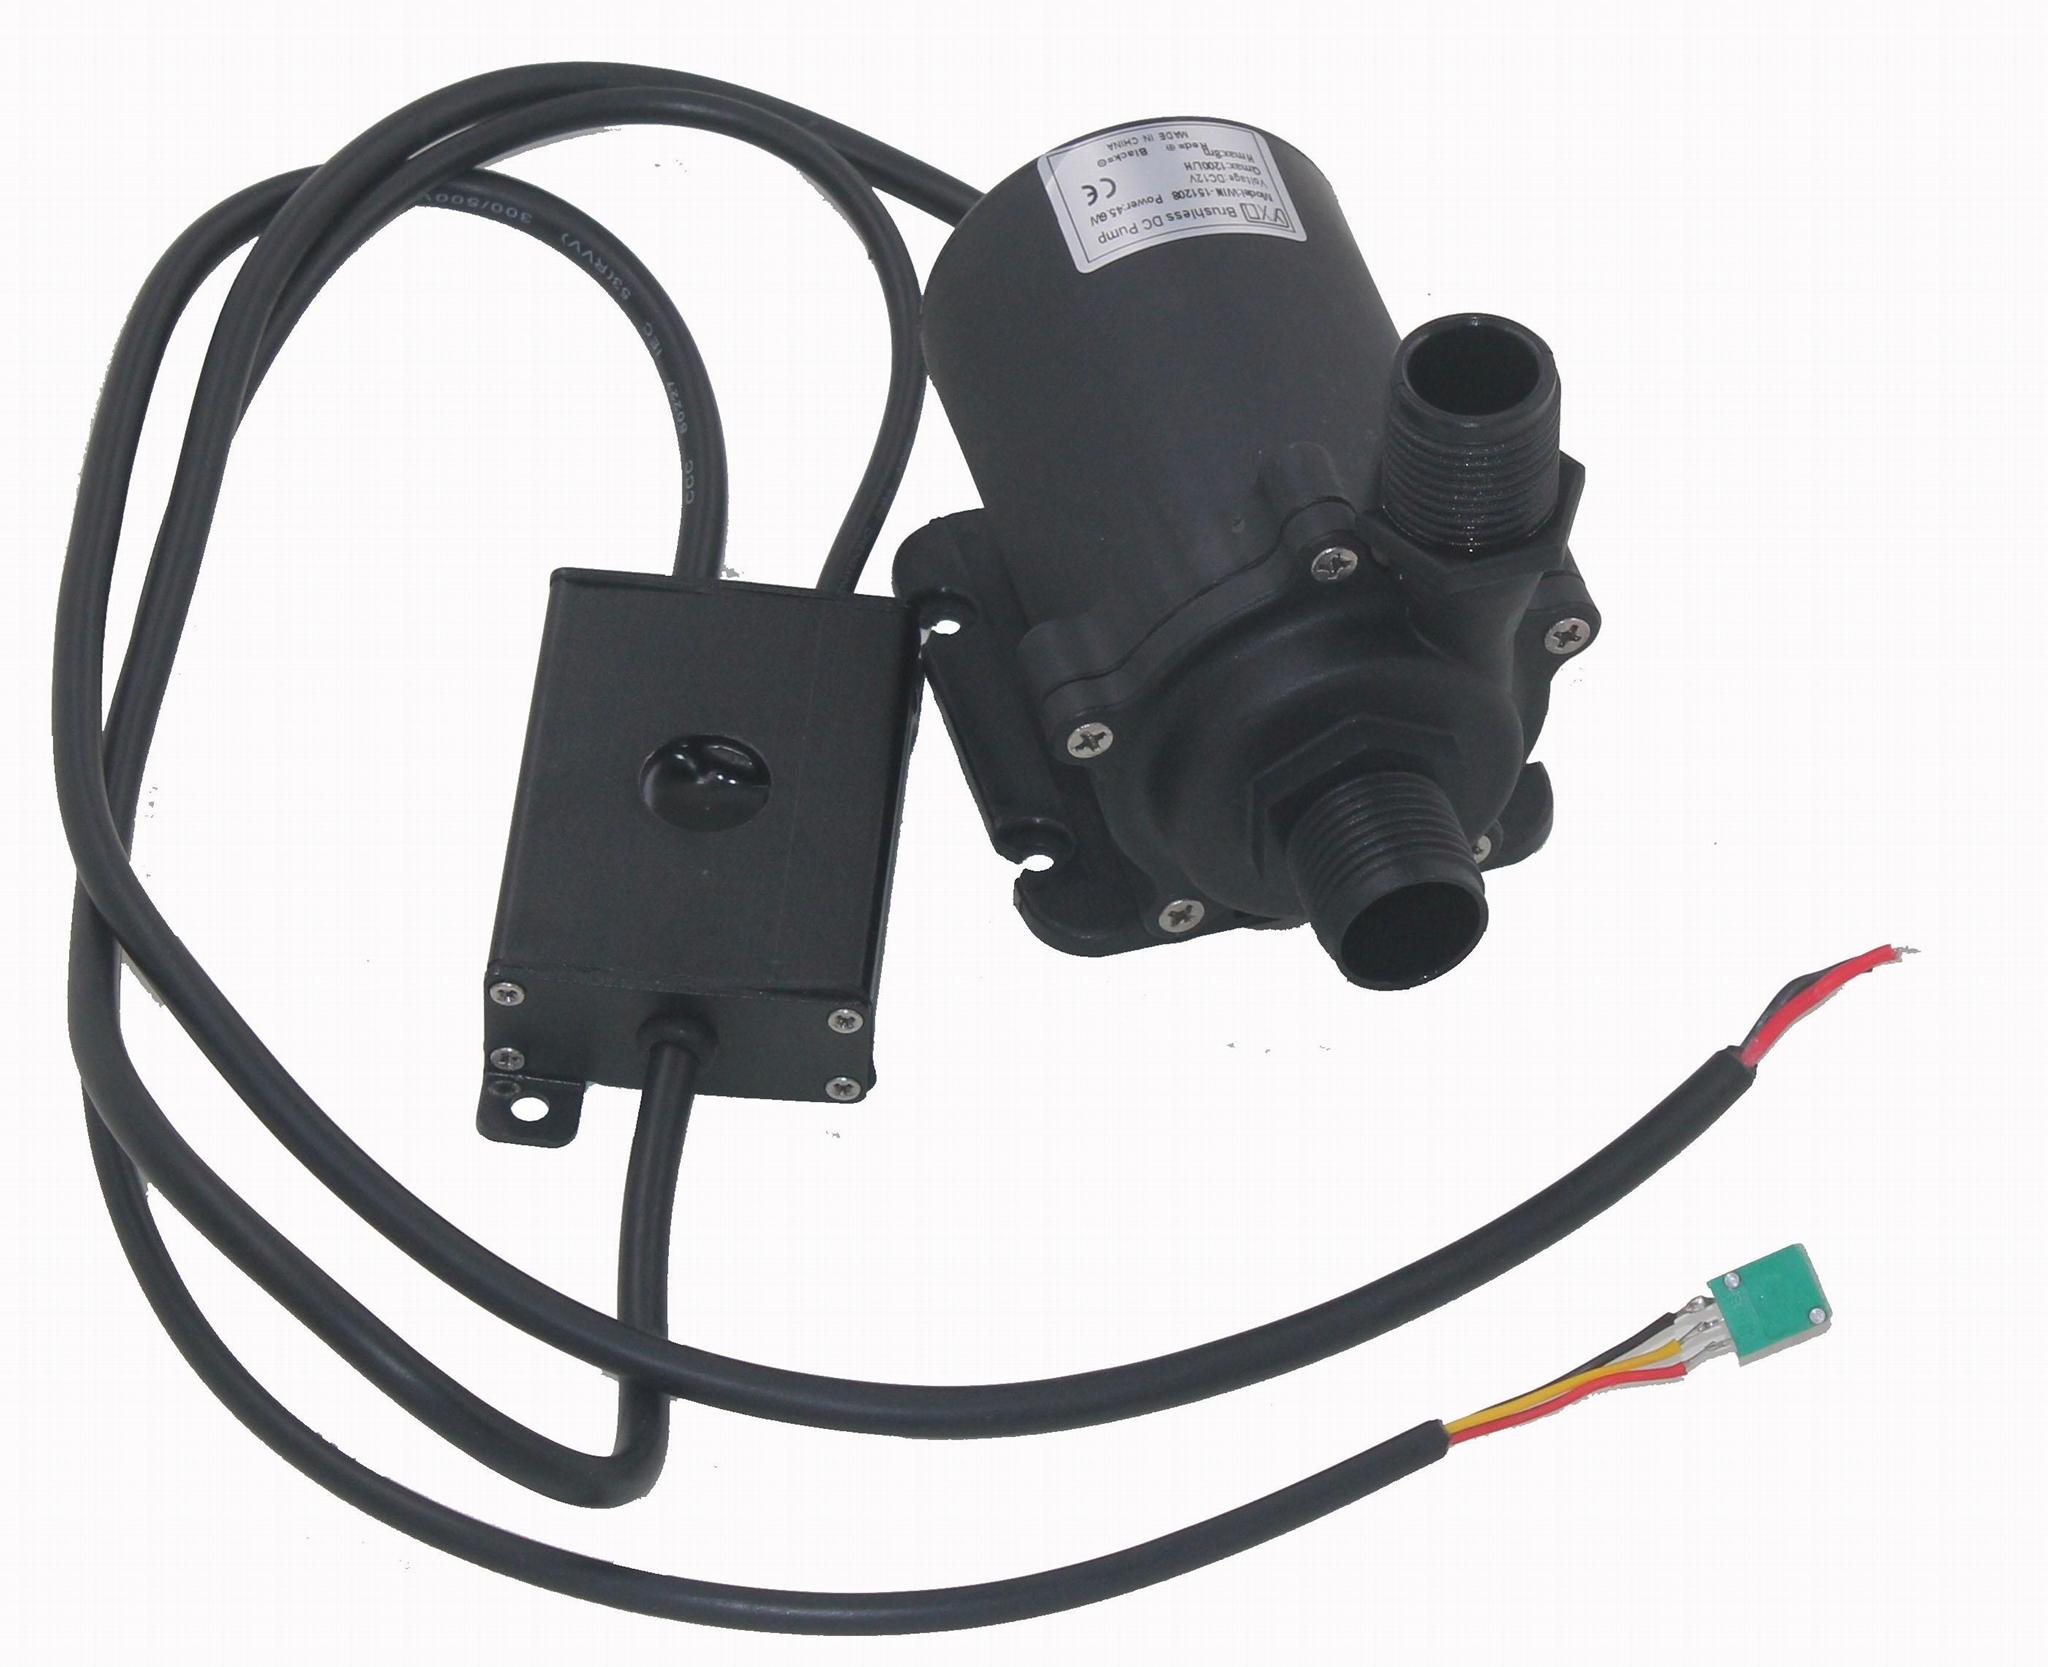 DC 12V 循环泵太阳能水泵系统/太阳能泵系统 3